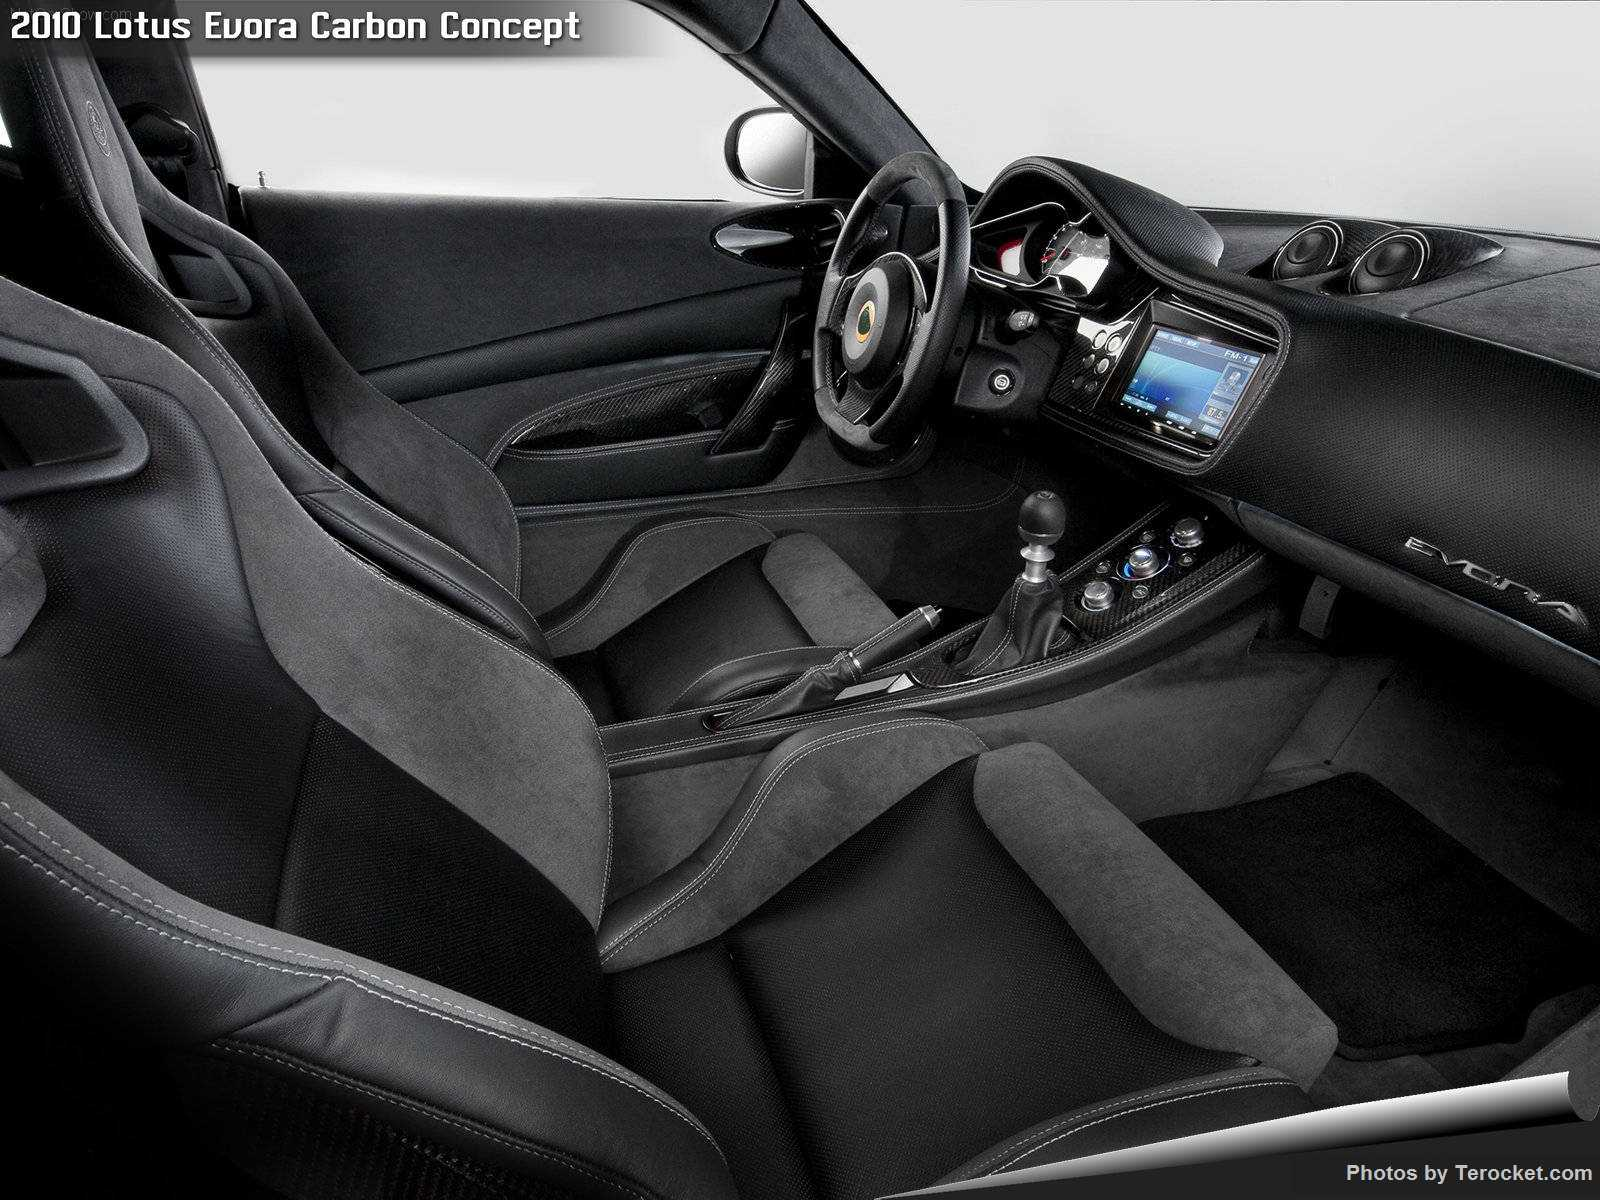 Hình ảnh siêu xe Lotus Evora Carbon Concept 2010 & nội ngoại thất